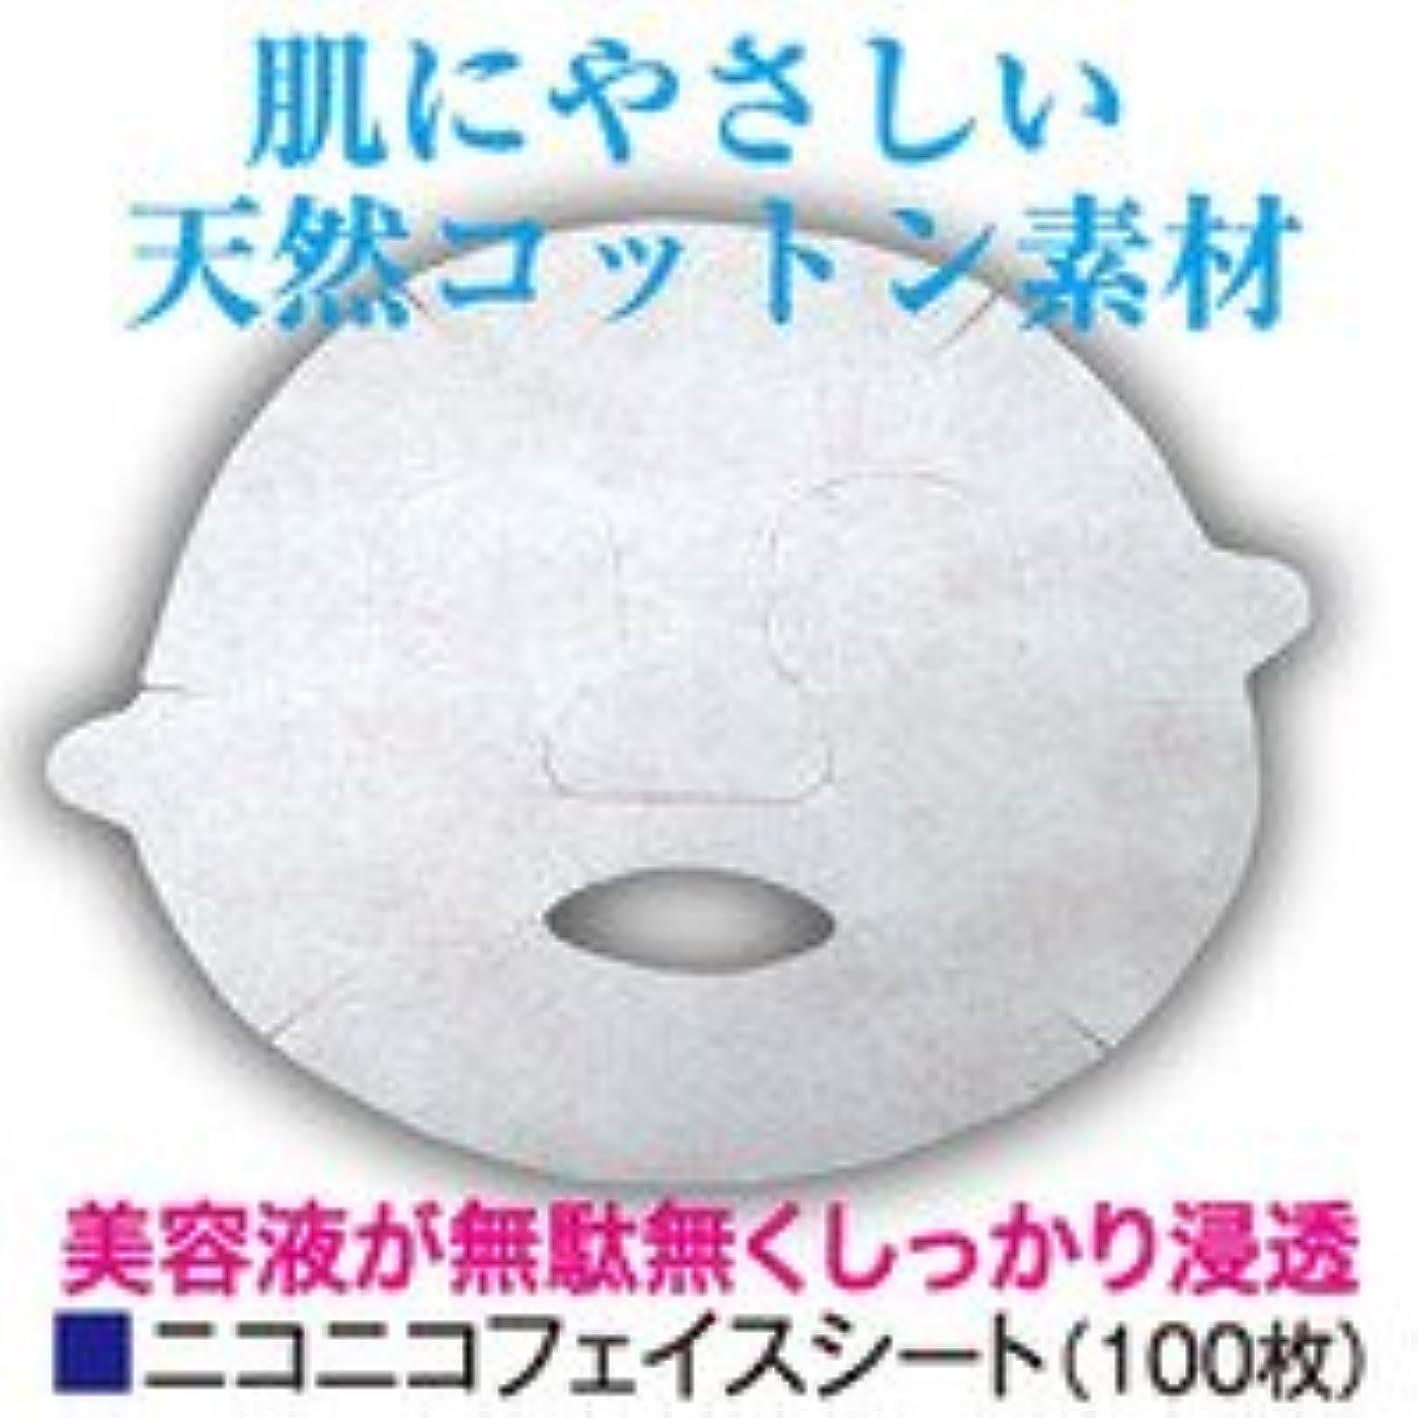 垂直バラエティオレンジフェイスシート 【ニコニコフェイスシート】 100枚